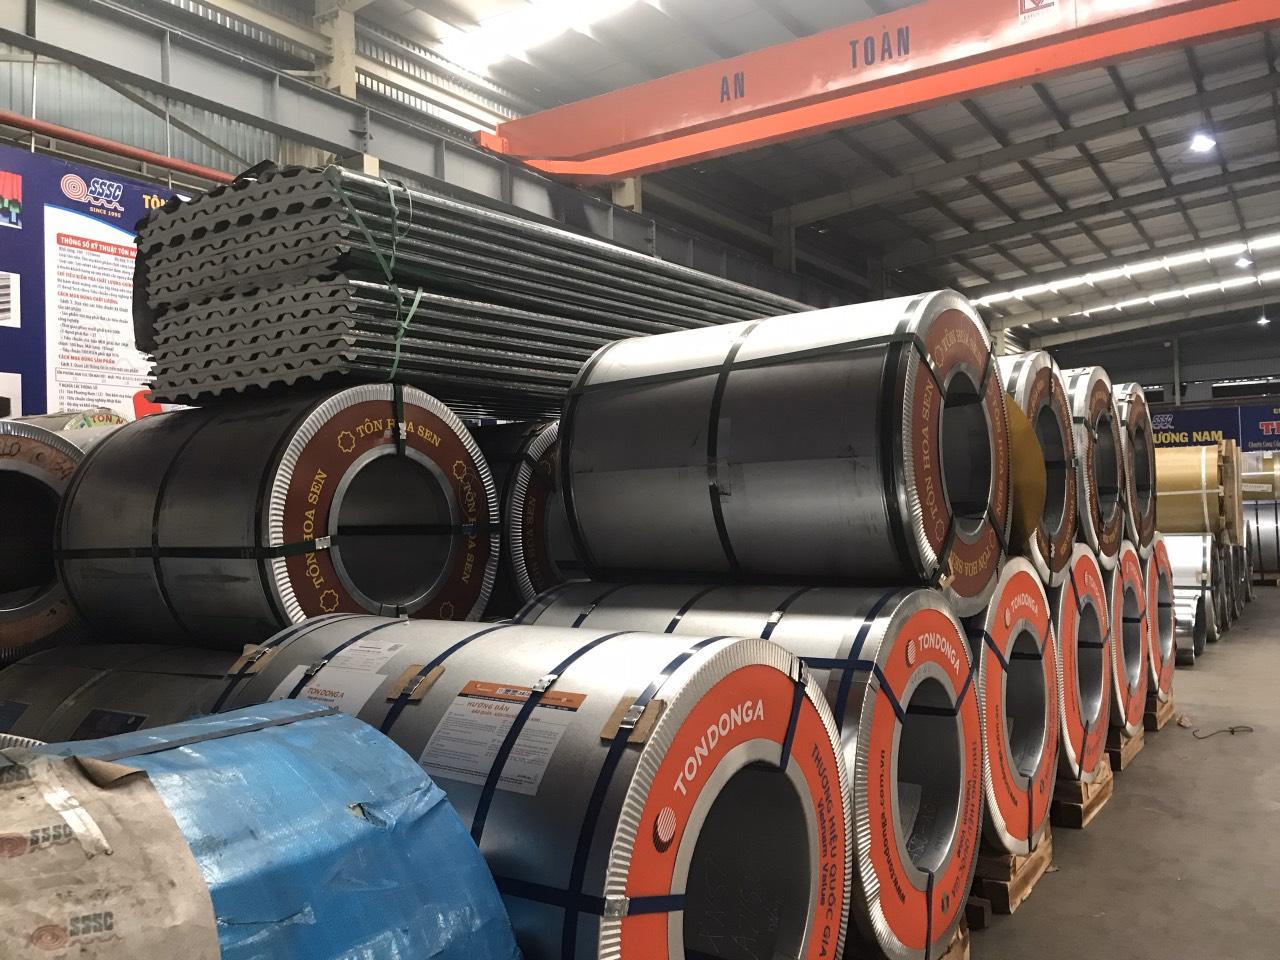 Tôn cuộn kẽm lạnh Đông Á có rất nhiều ưu điểm vượt trội so với dòng sản phẩm tôn thông thường